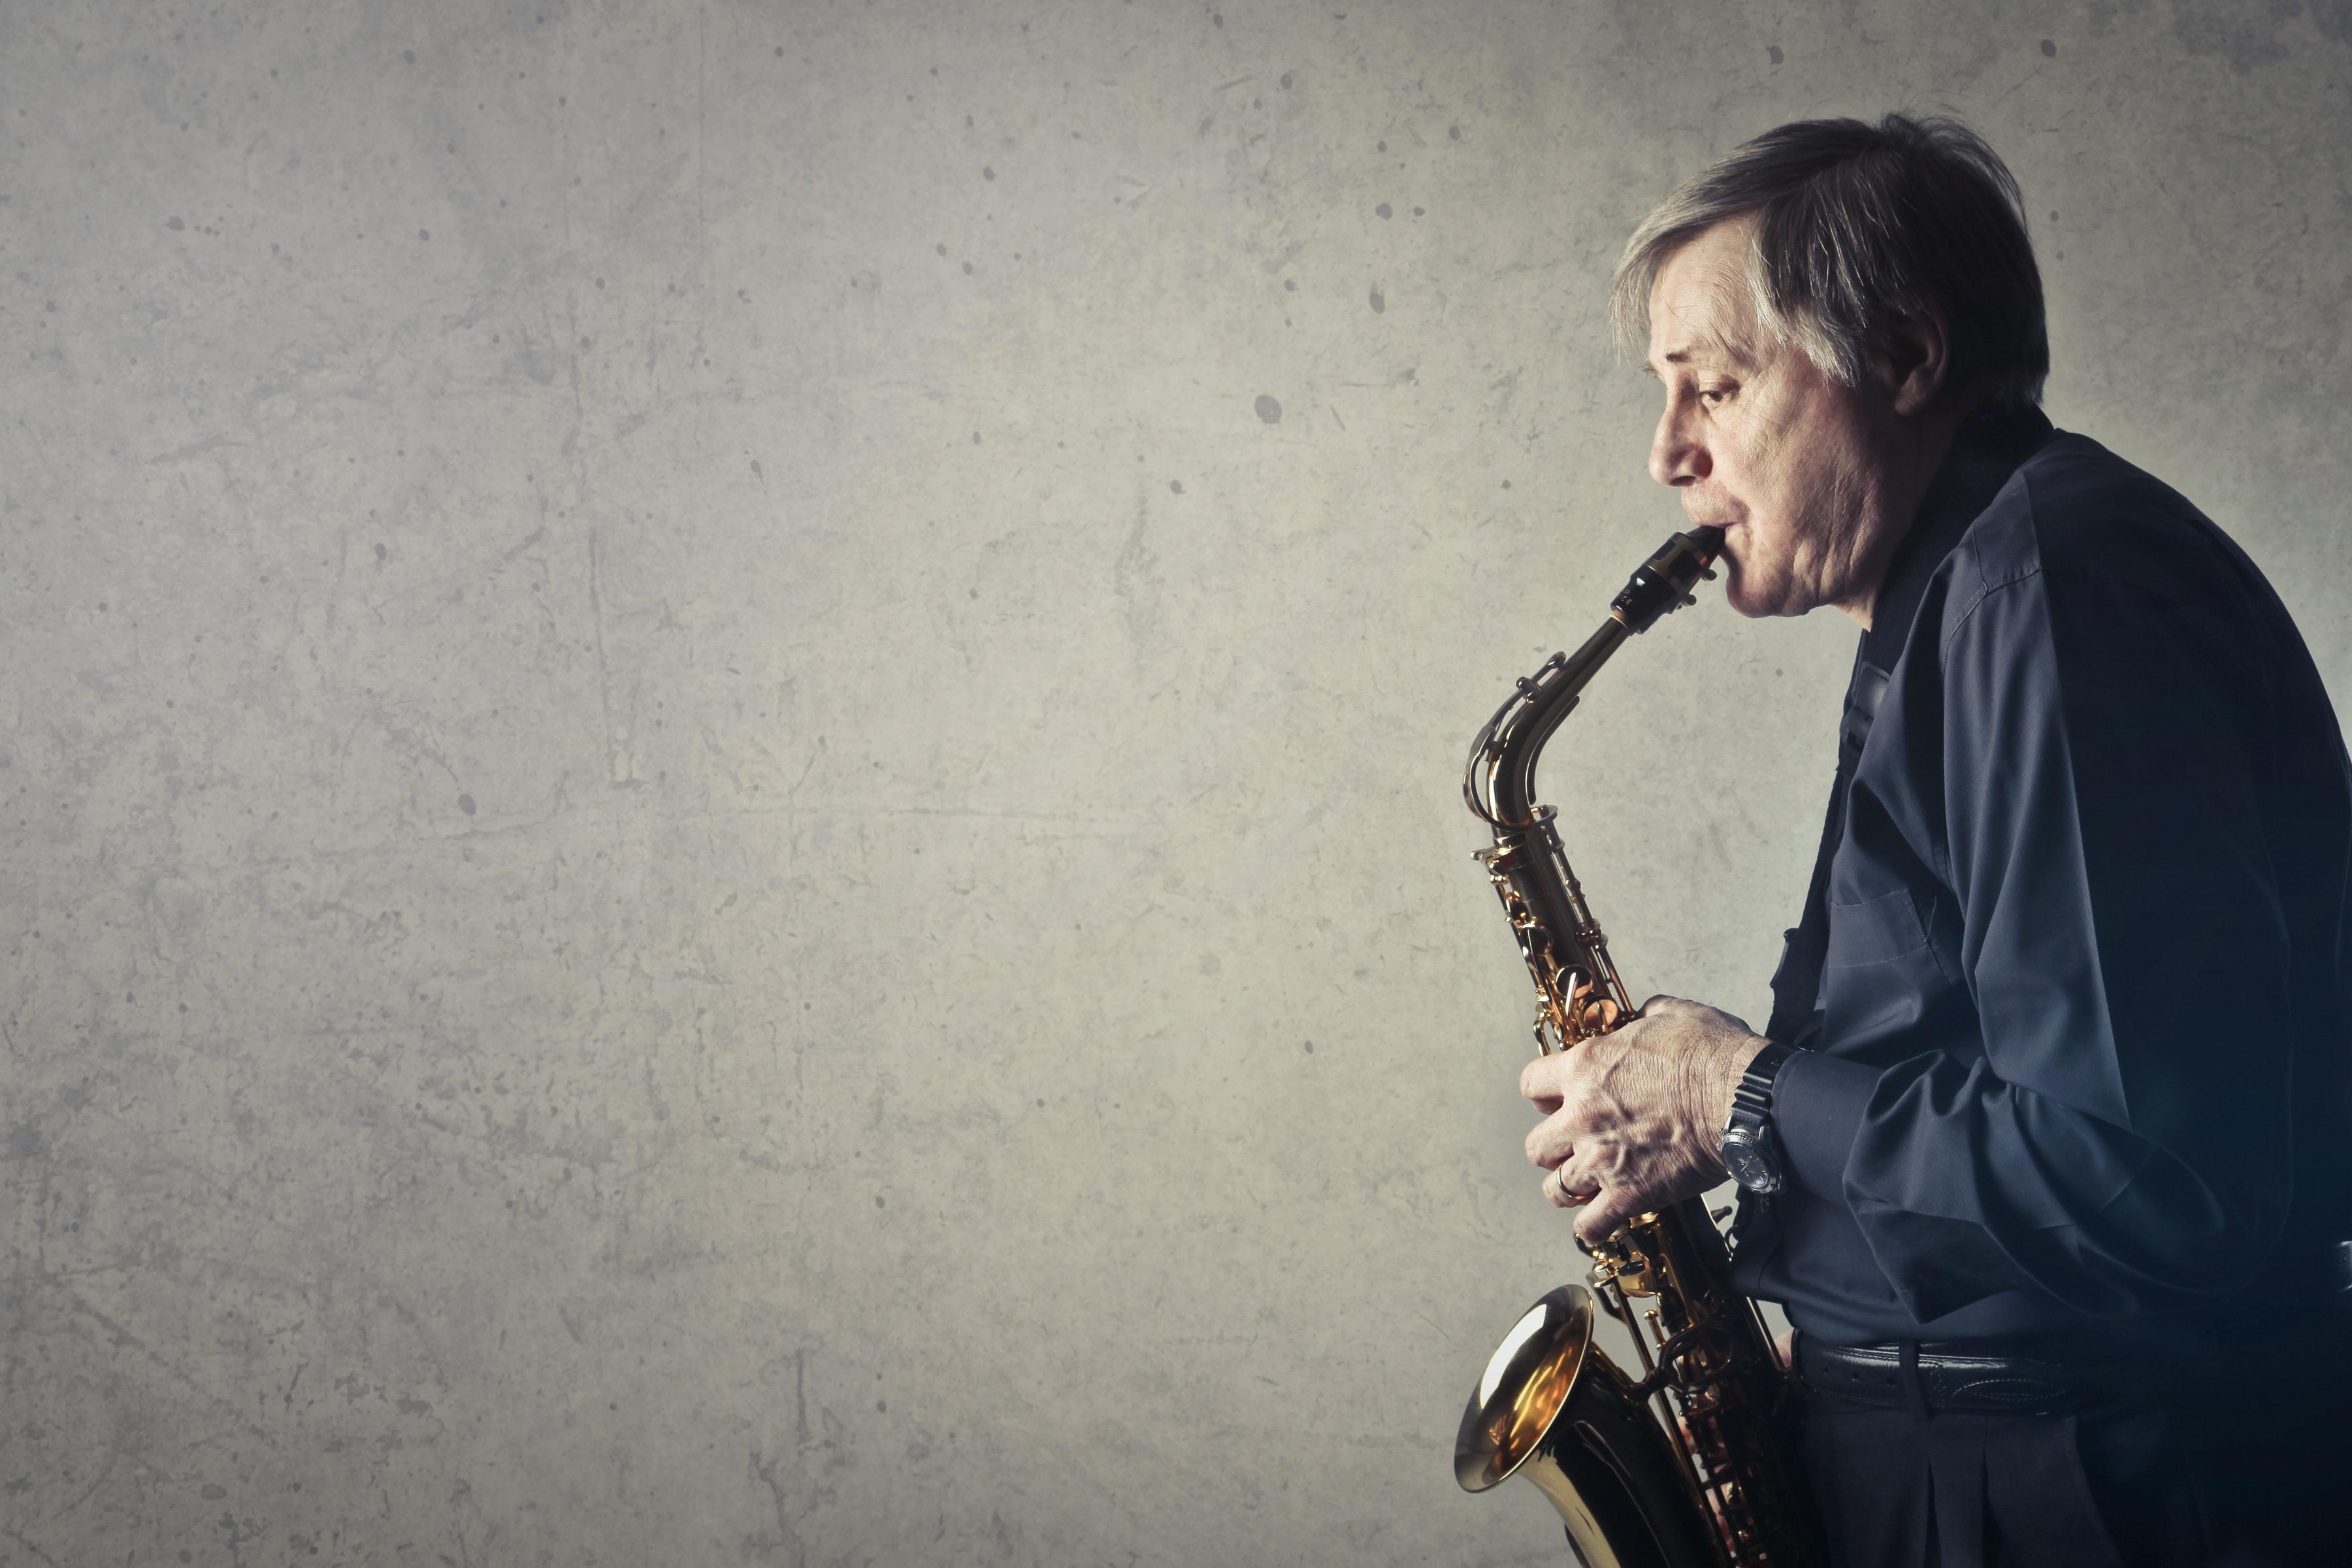 Attraktiver-Werden Mann spielt Saxophon